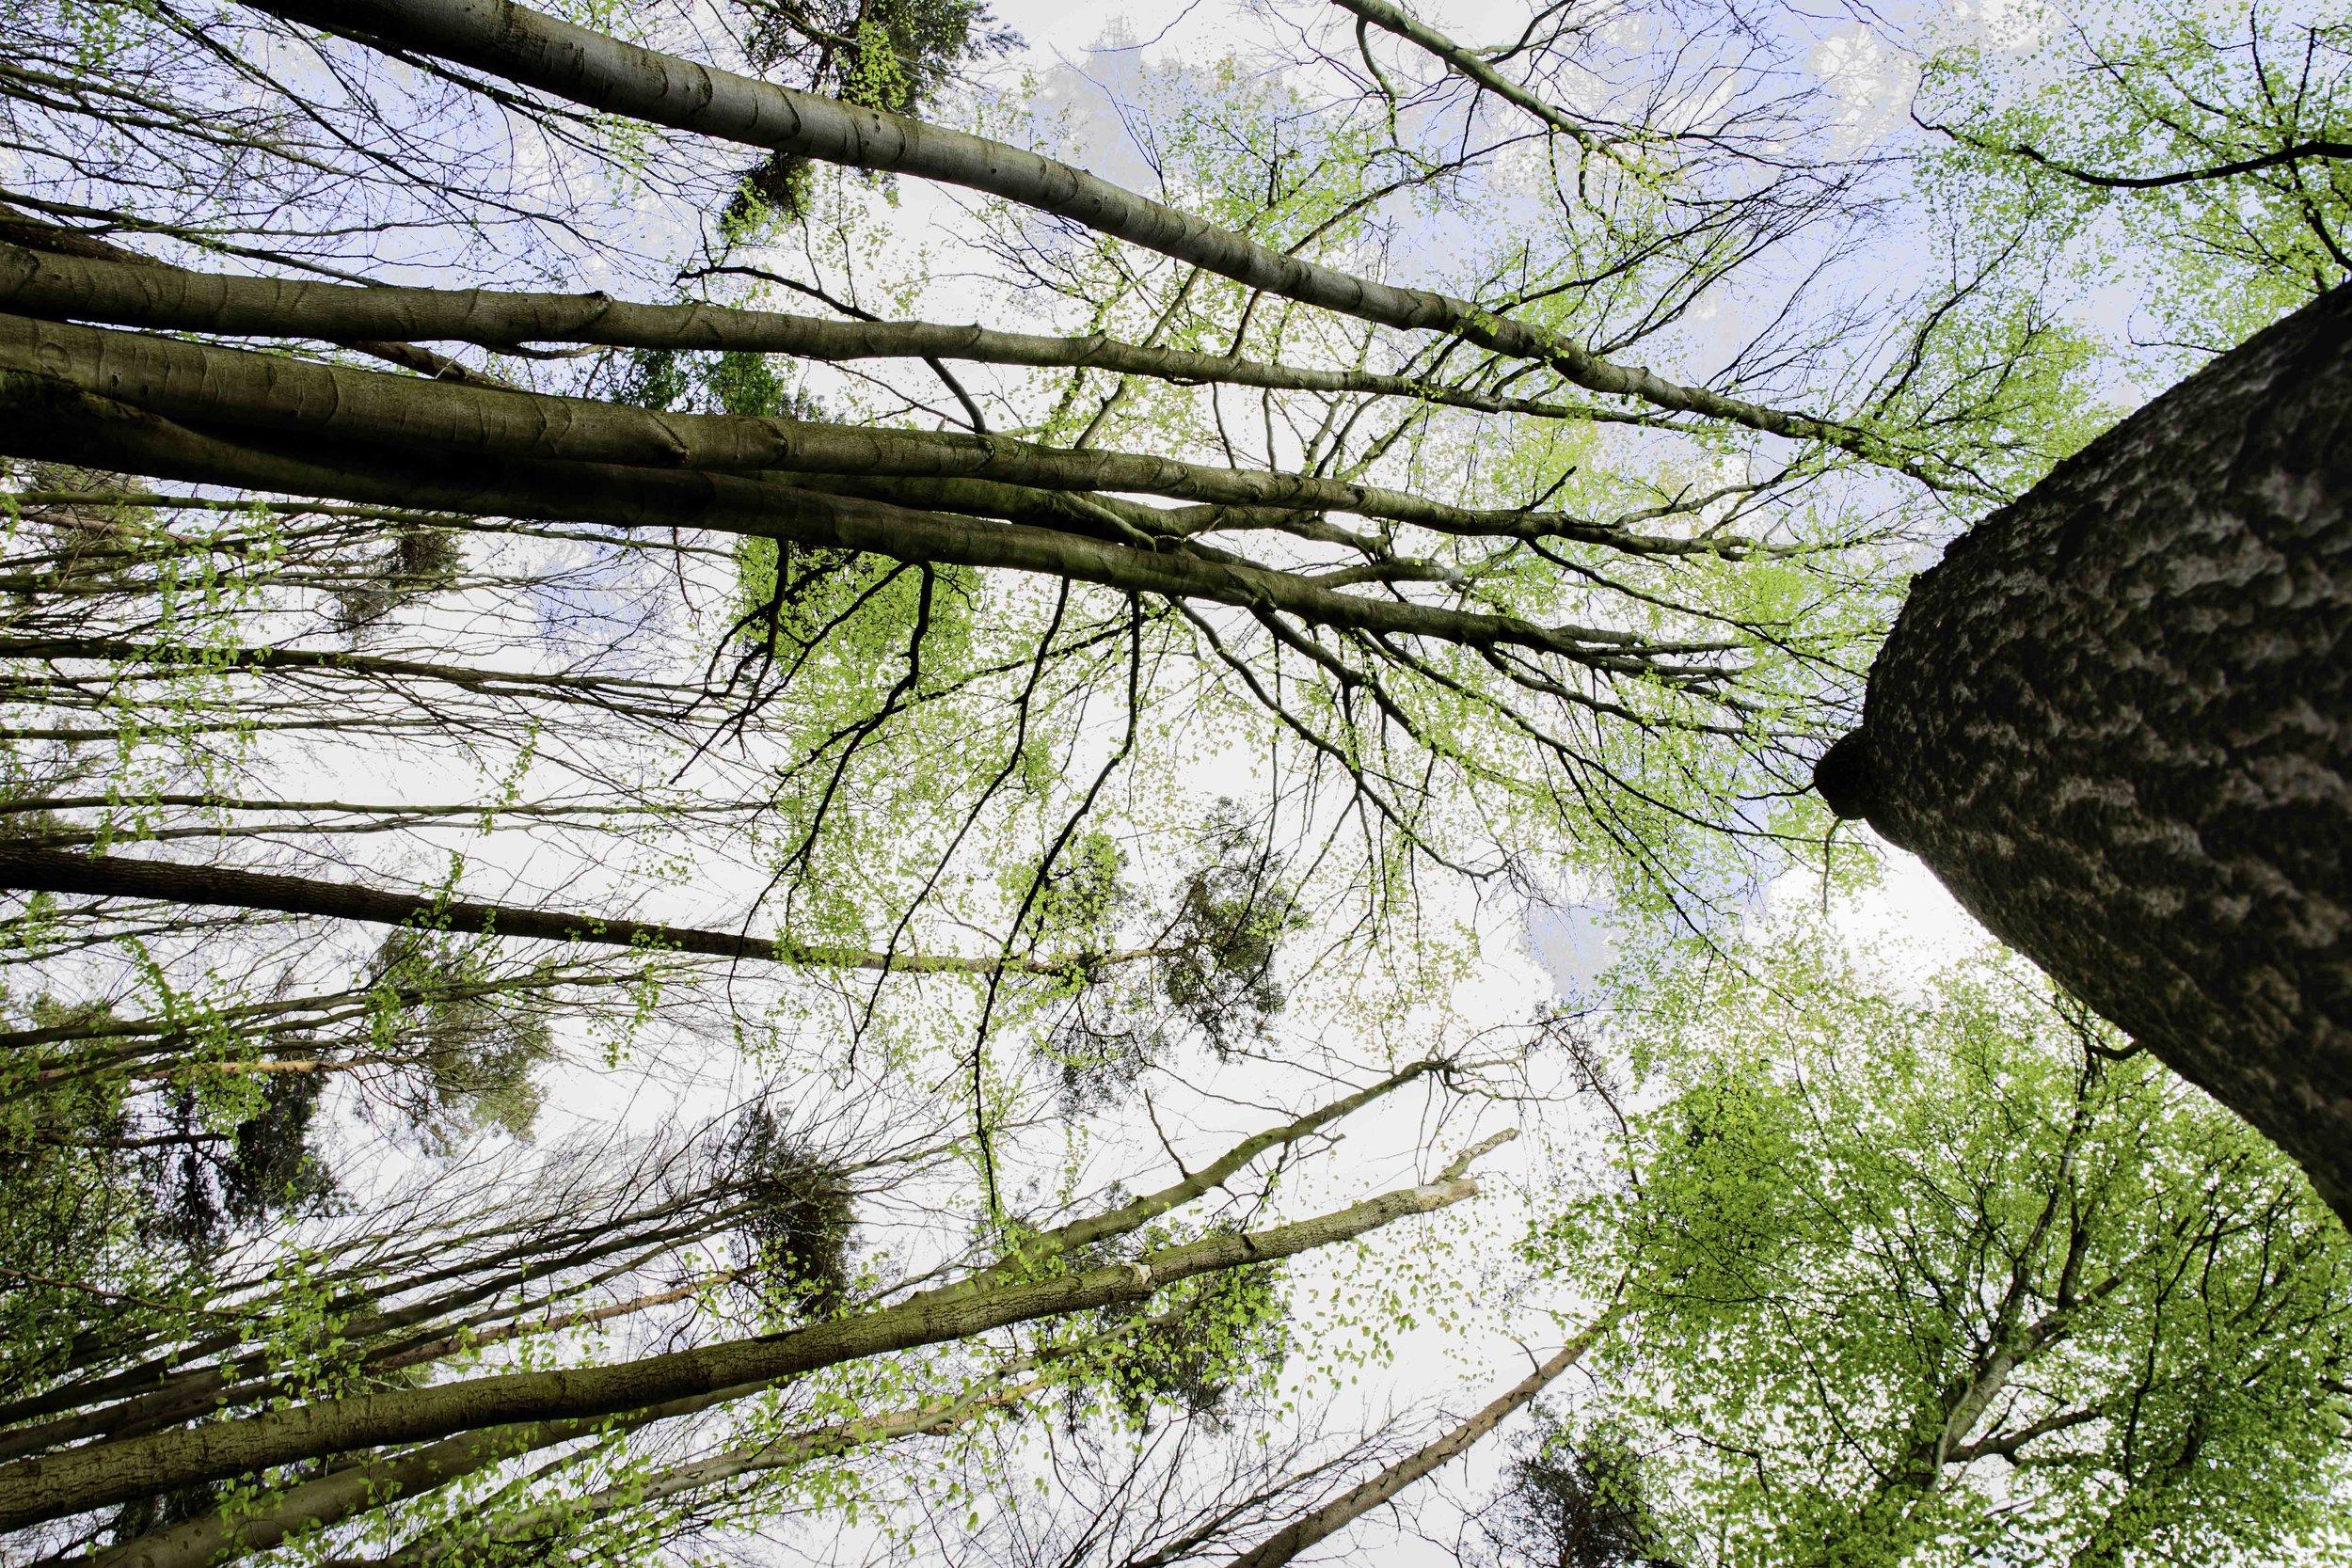 viewfinder-blauwe-hallerbos-fotograferen-tips-eigenzinnige-natuurfotografie-1